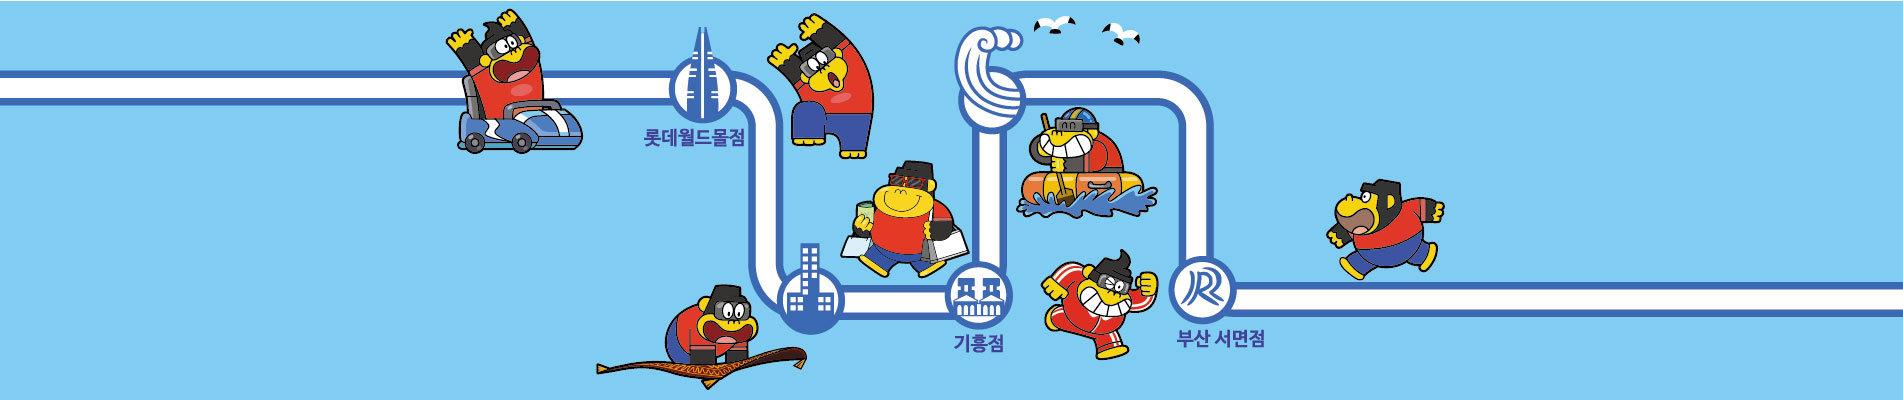 서브배경_매장정보(3).jpg